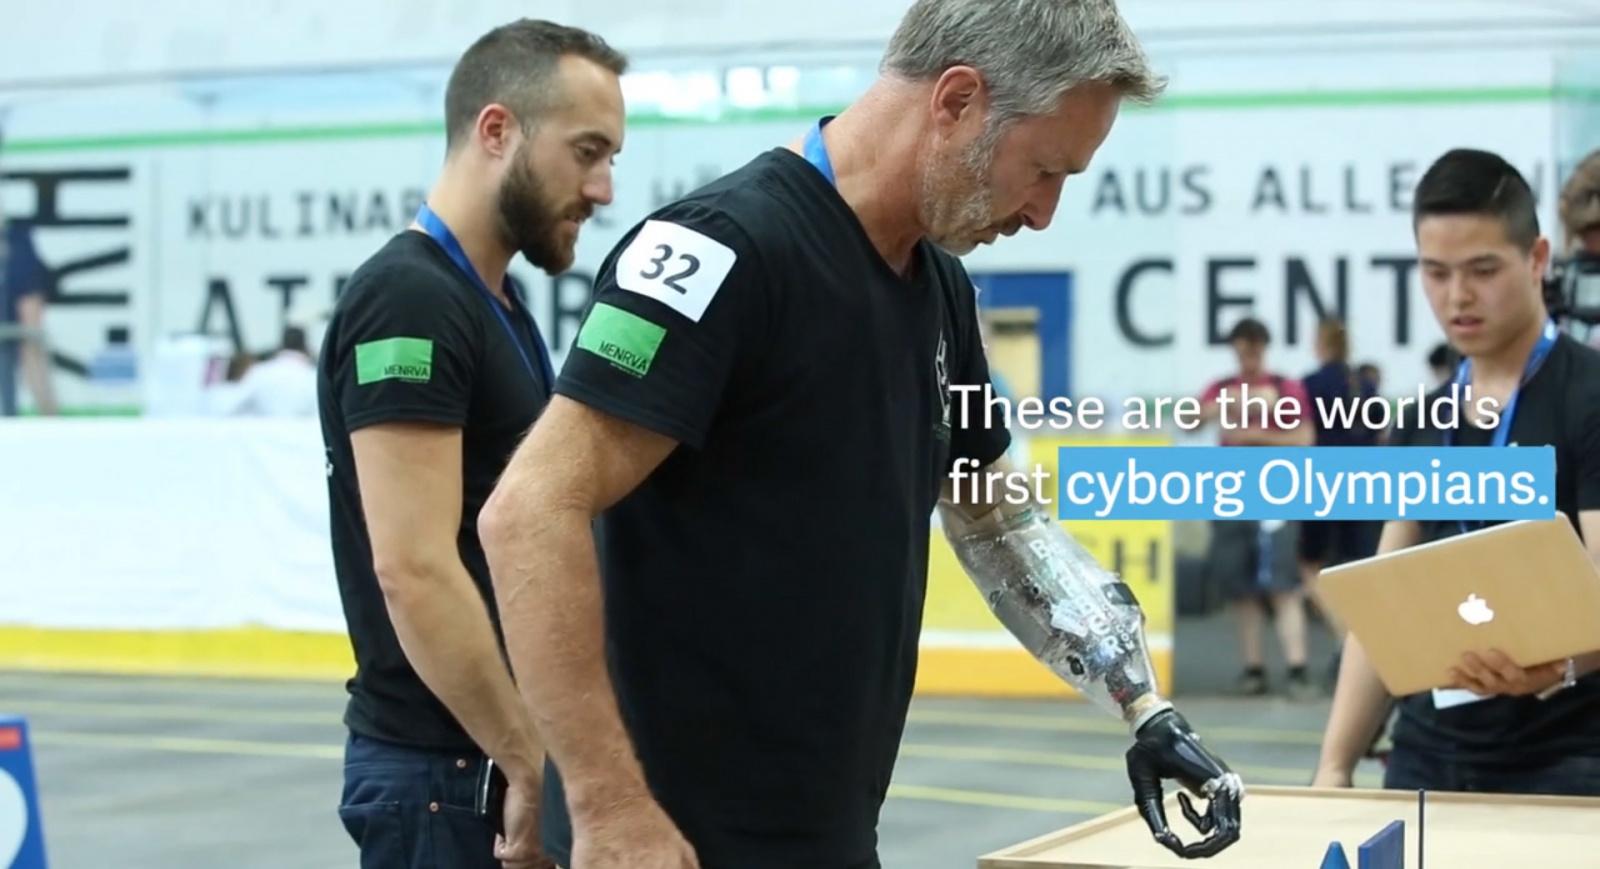 Первая Олимпиада для киборгов пройдёт в октябре в Швейцарии - 1